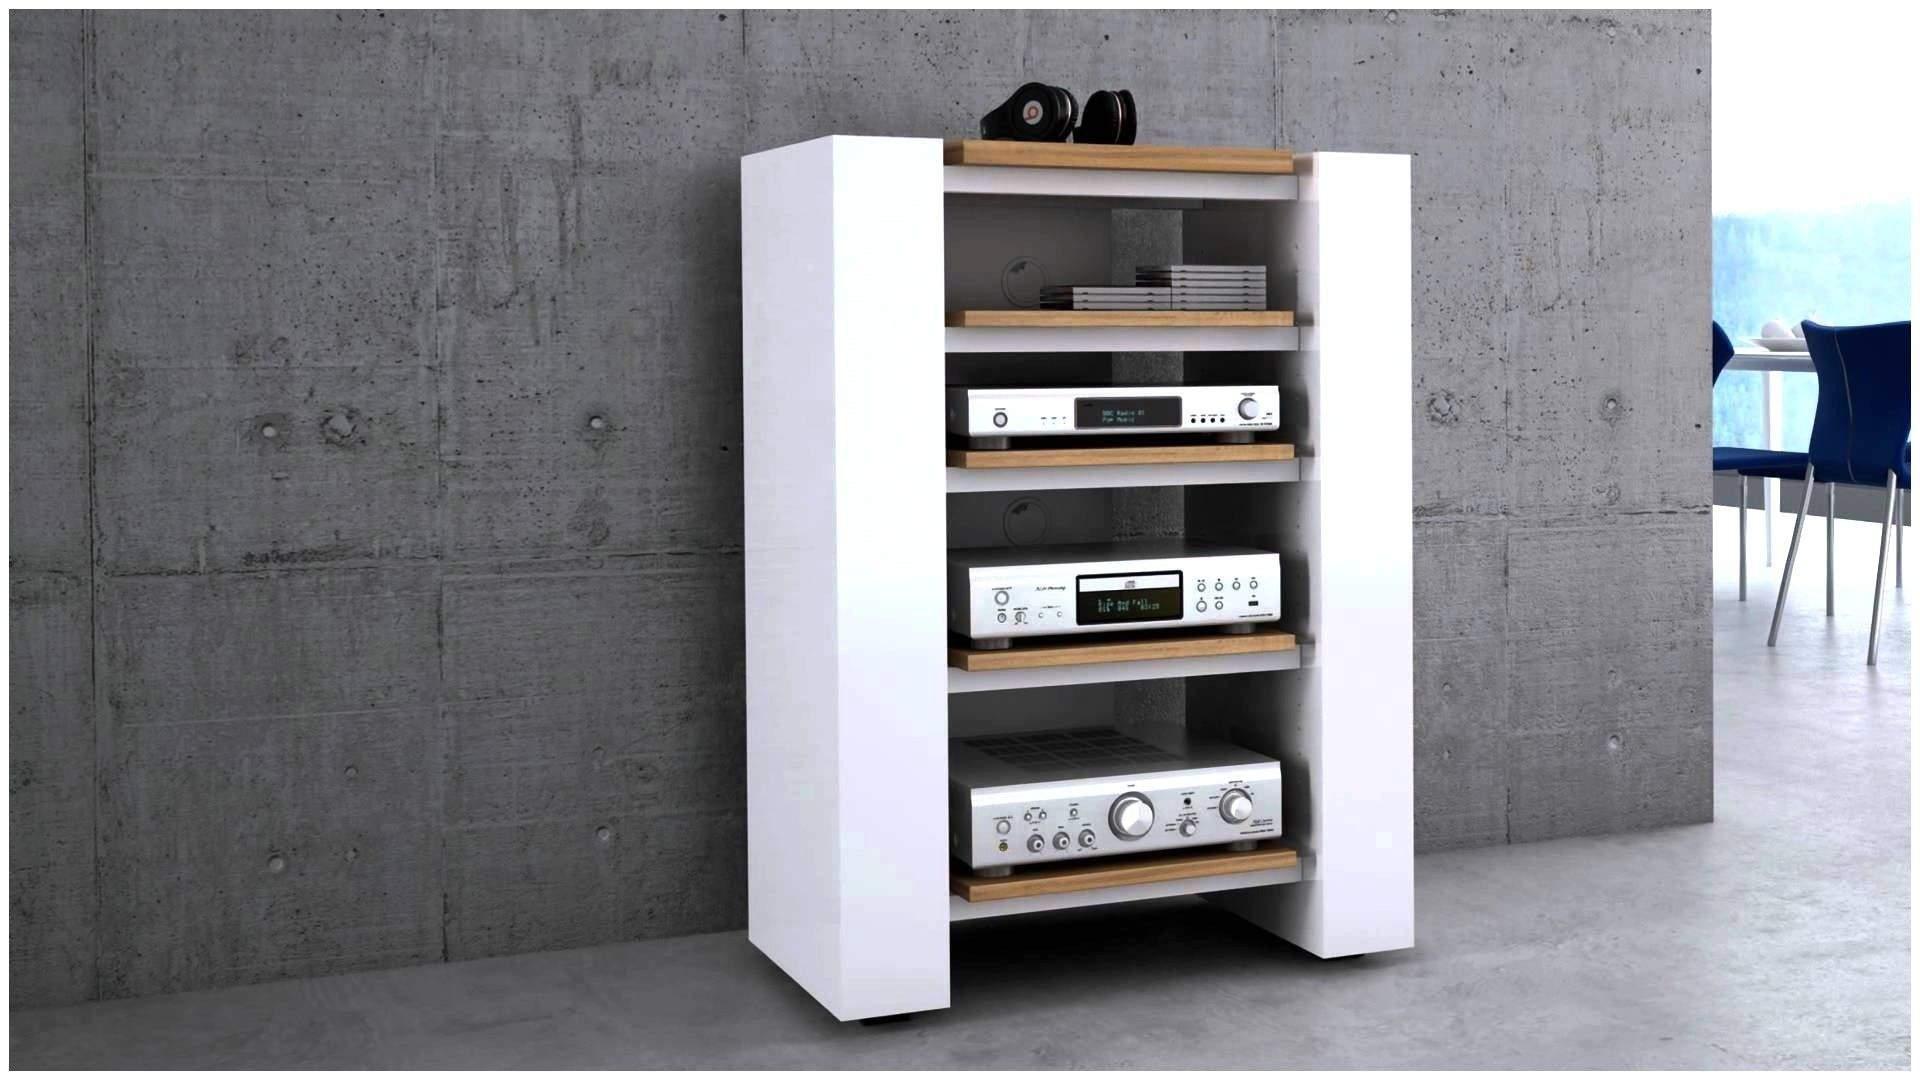 moebel 24 stuehle schlafzimmer hifi design mobel ideen 3 ganzglasm beste m c3 b6bel genial